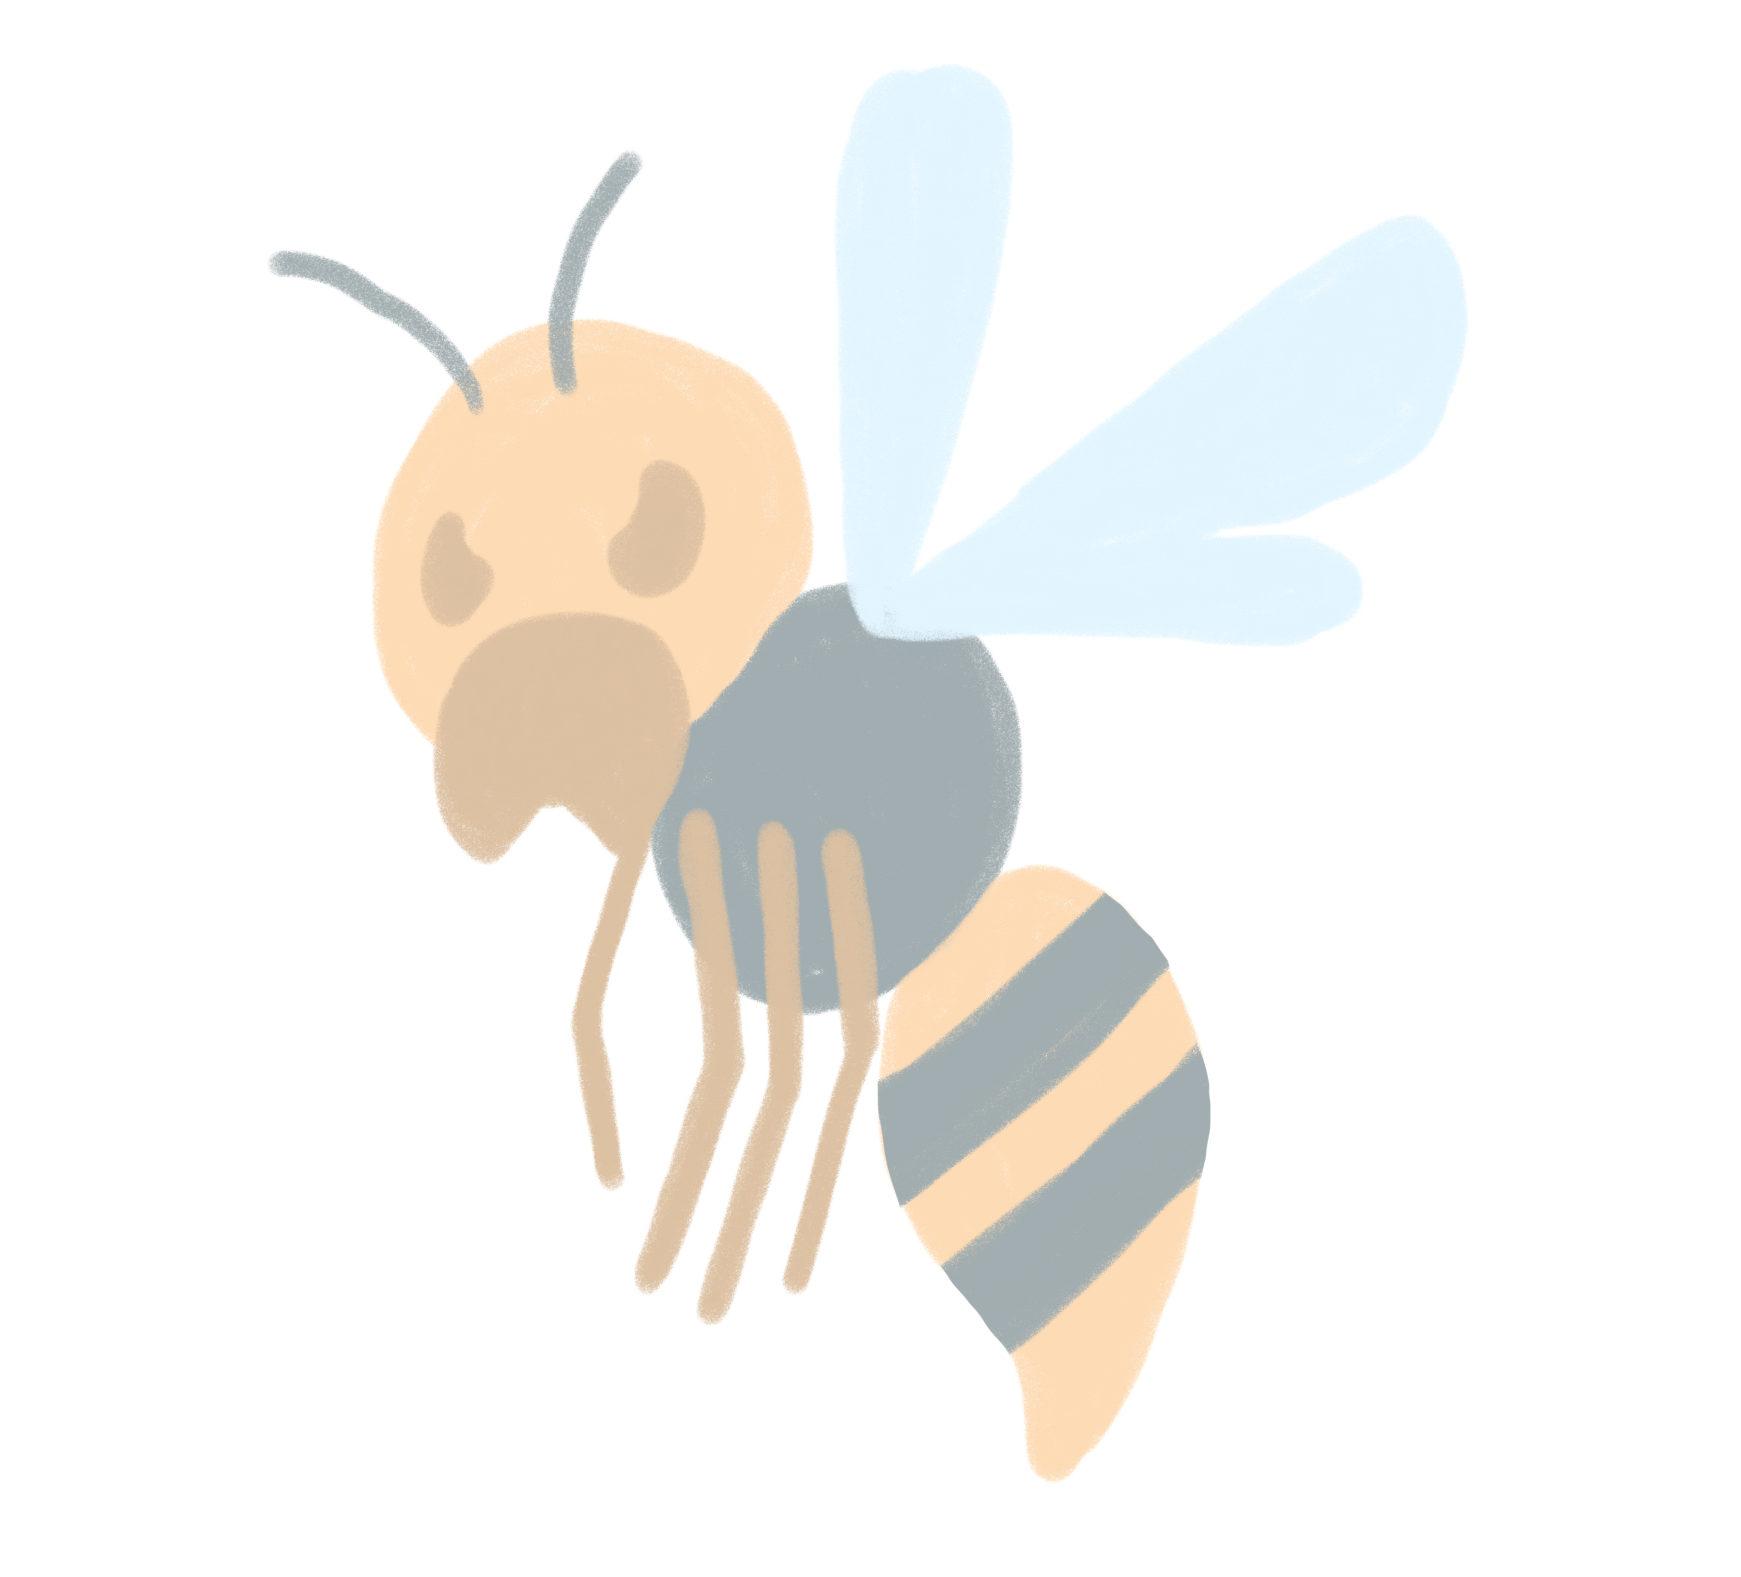 家周りで見かけるハチには、スズメバチ、アシナガバチ、ミツバチなどがいます。特に7月~10月の巣が発達する時期には攻撃的になり、刺される被害も増大します。刺されると痛みやかゆみが生じ、アナフラキーショックによって生命を脅かす危険な状態になることもあります。